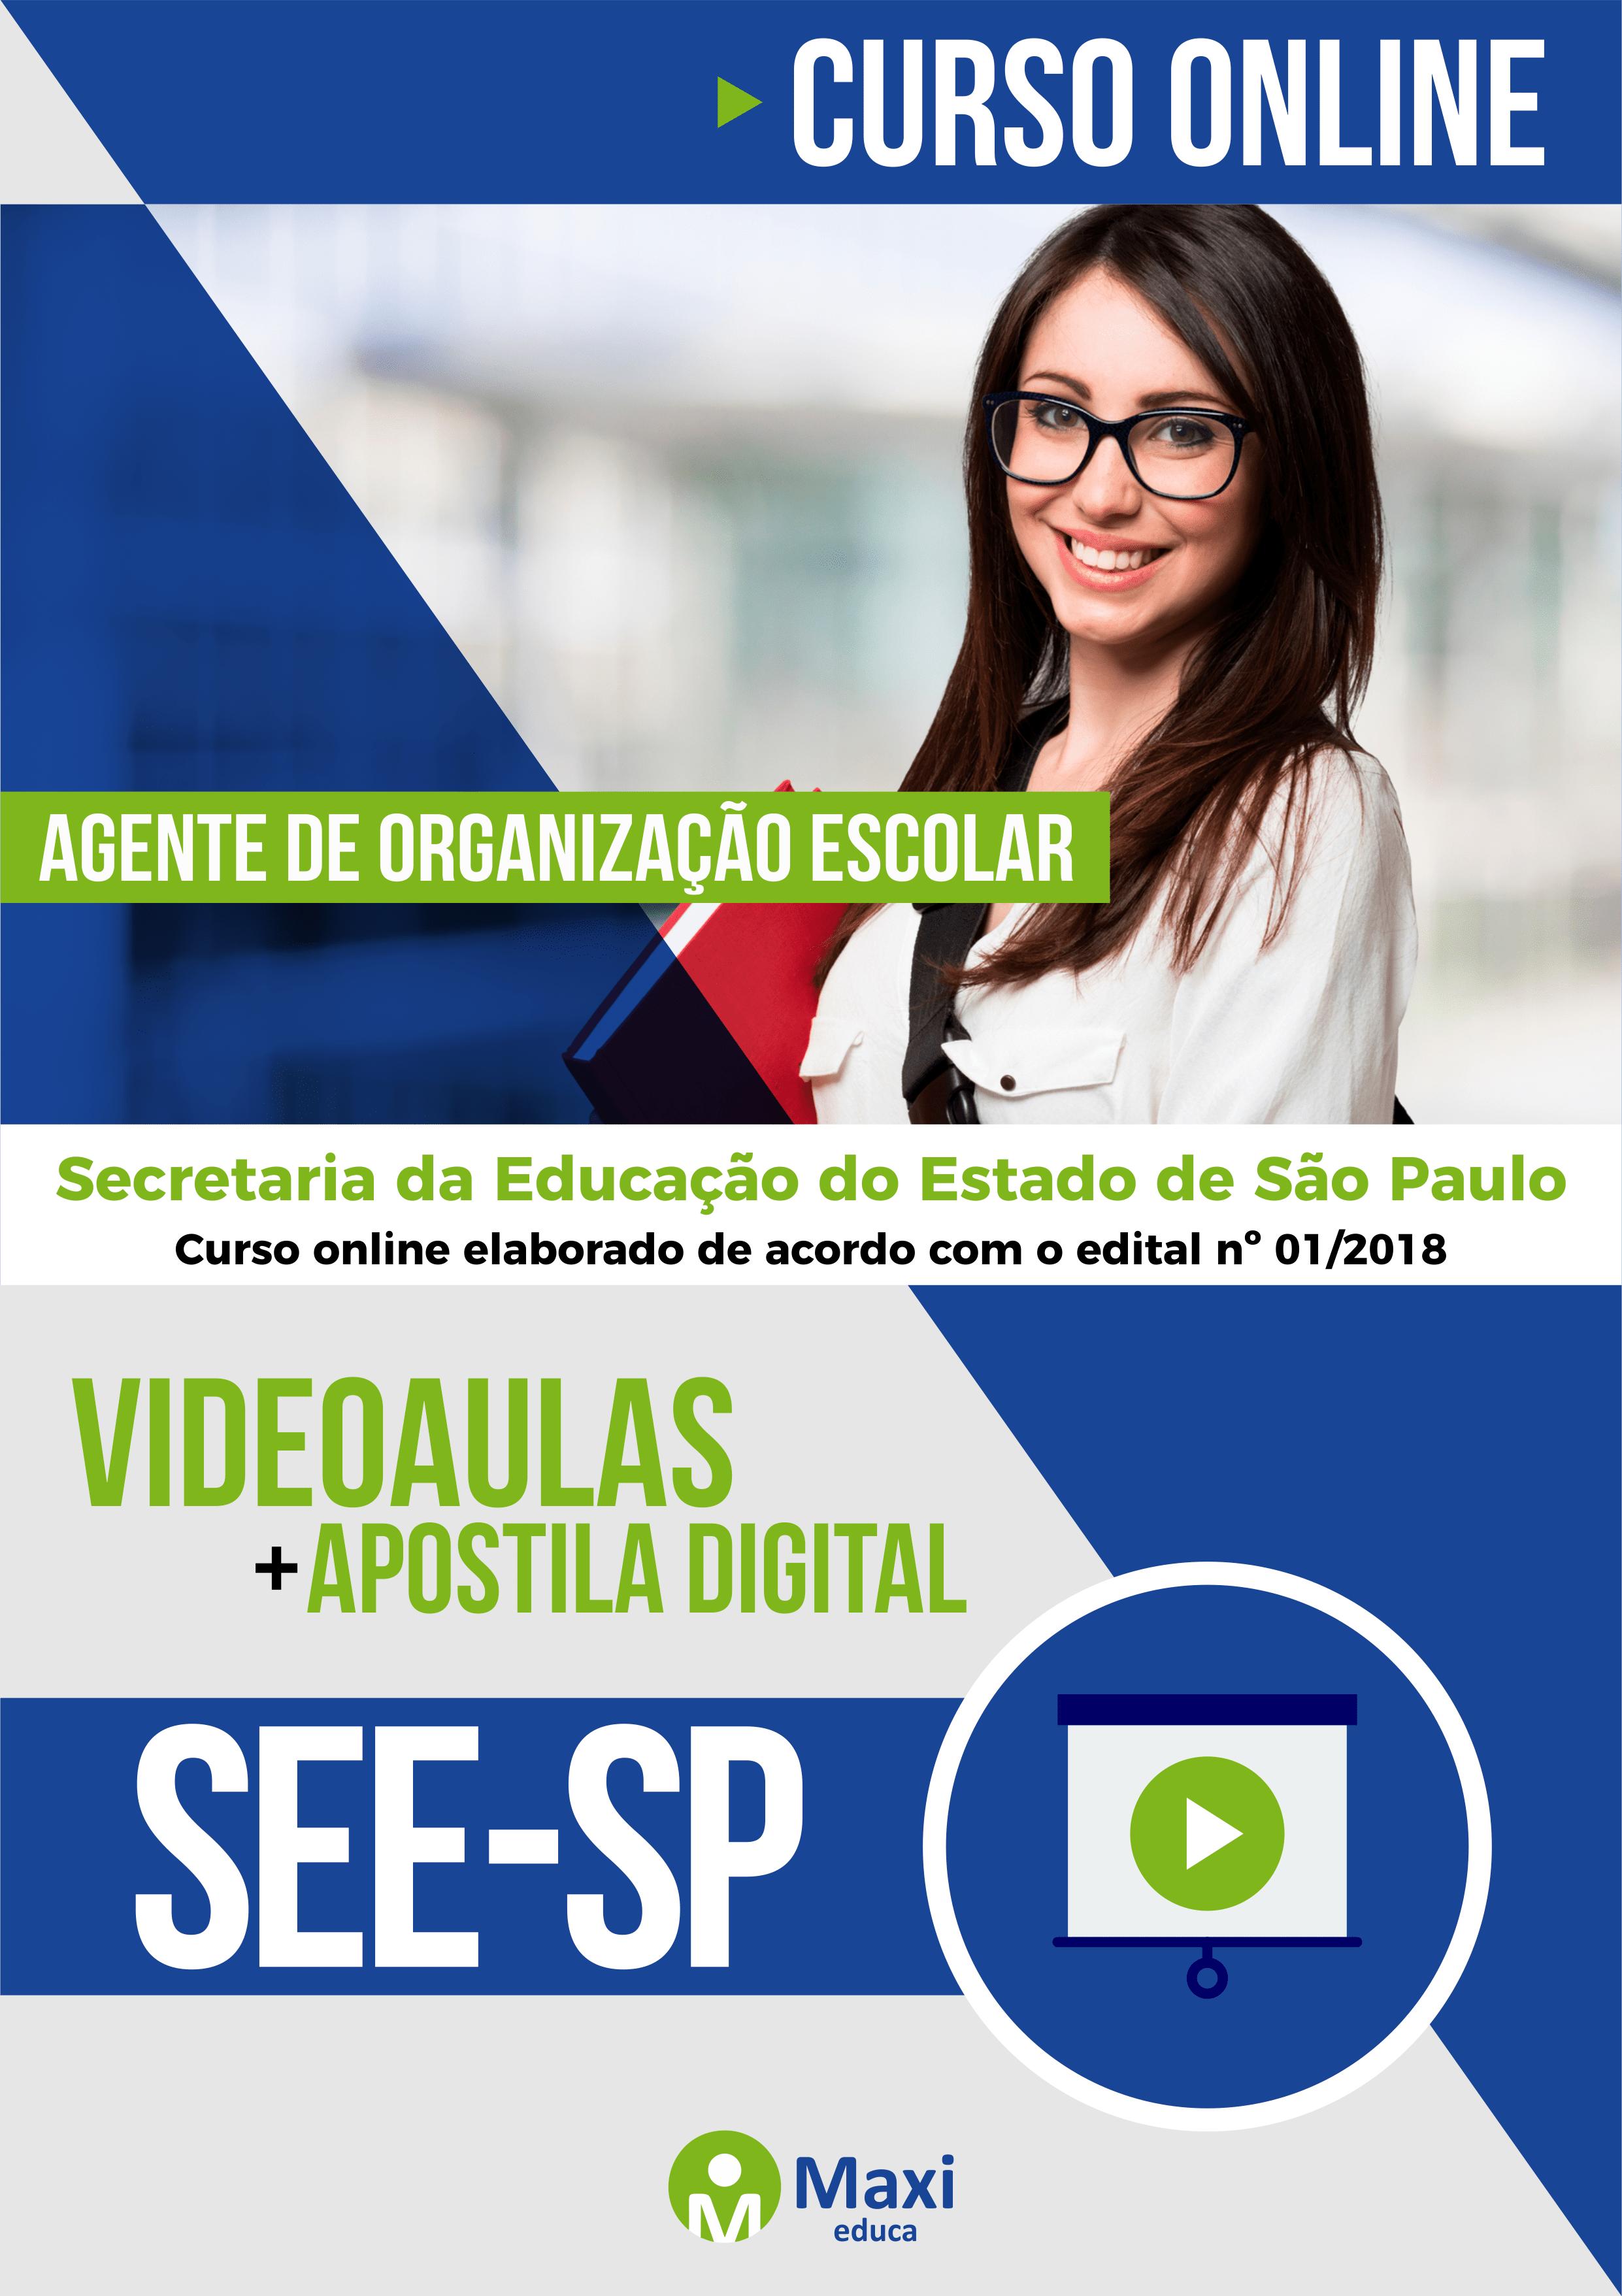 SEE-SP - Secretaria de Estado da Educação de São Paulo